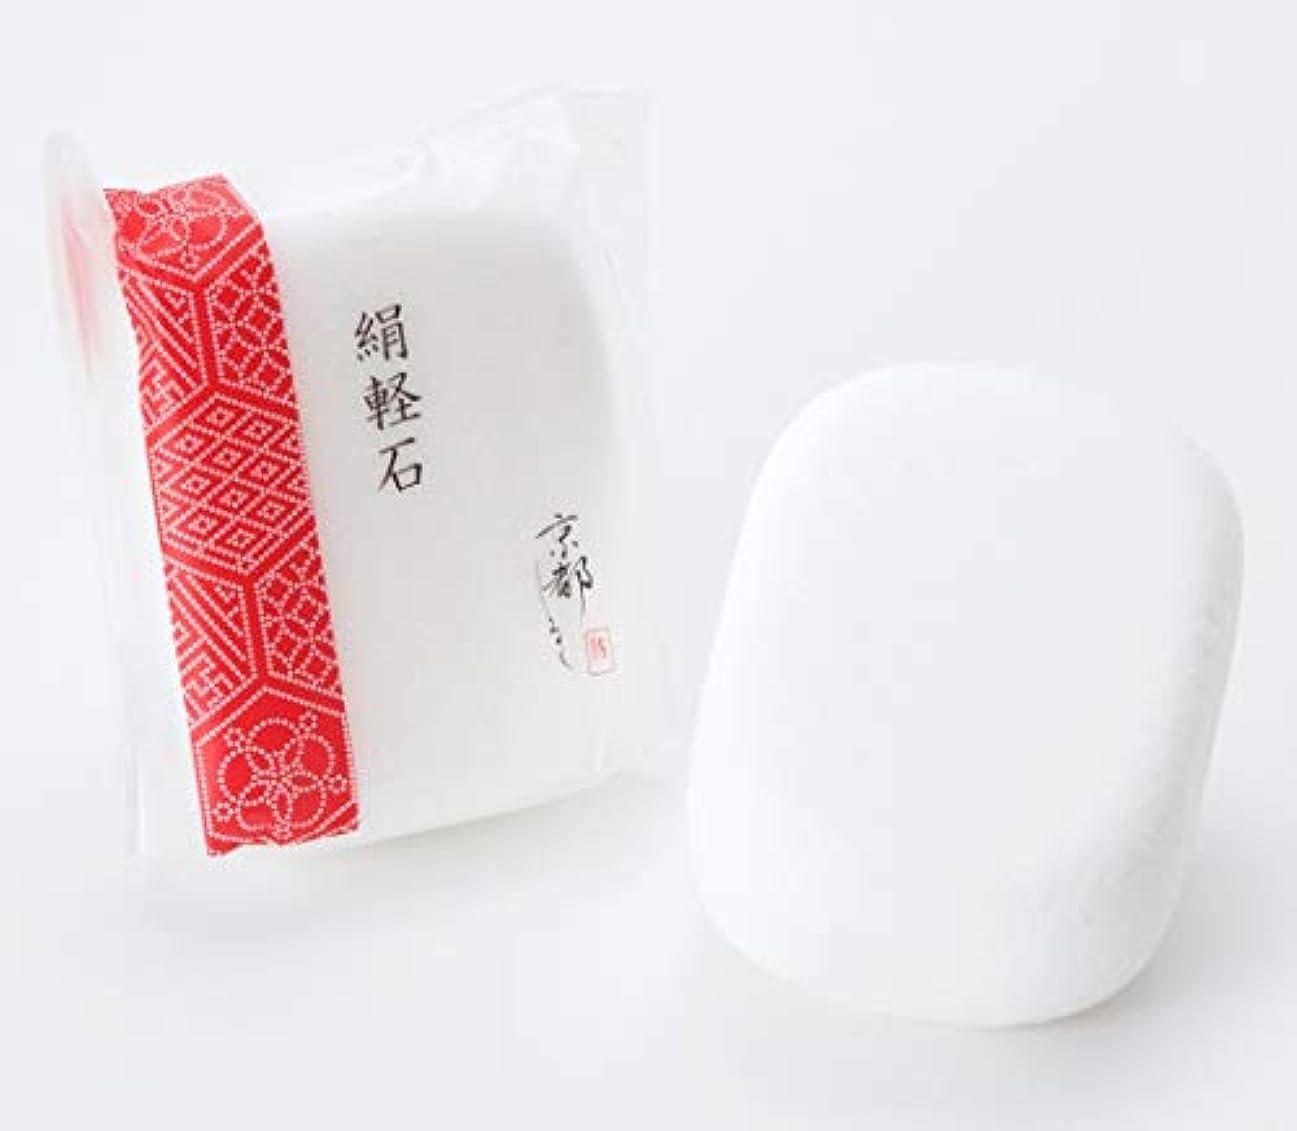 真剣にタッチ目的京都しるく シルクの軽石 2個セット【保湿成分シルクパウダー配合】/かかとの角質を落としてツルツル素足に 絹軽石 かかとキレイ かかとつるつる